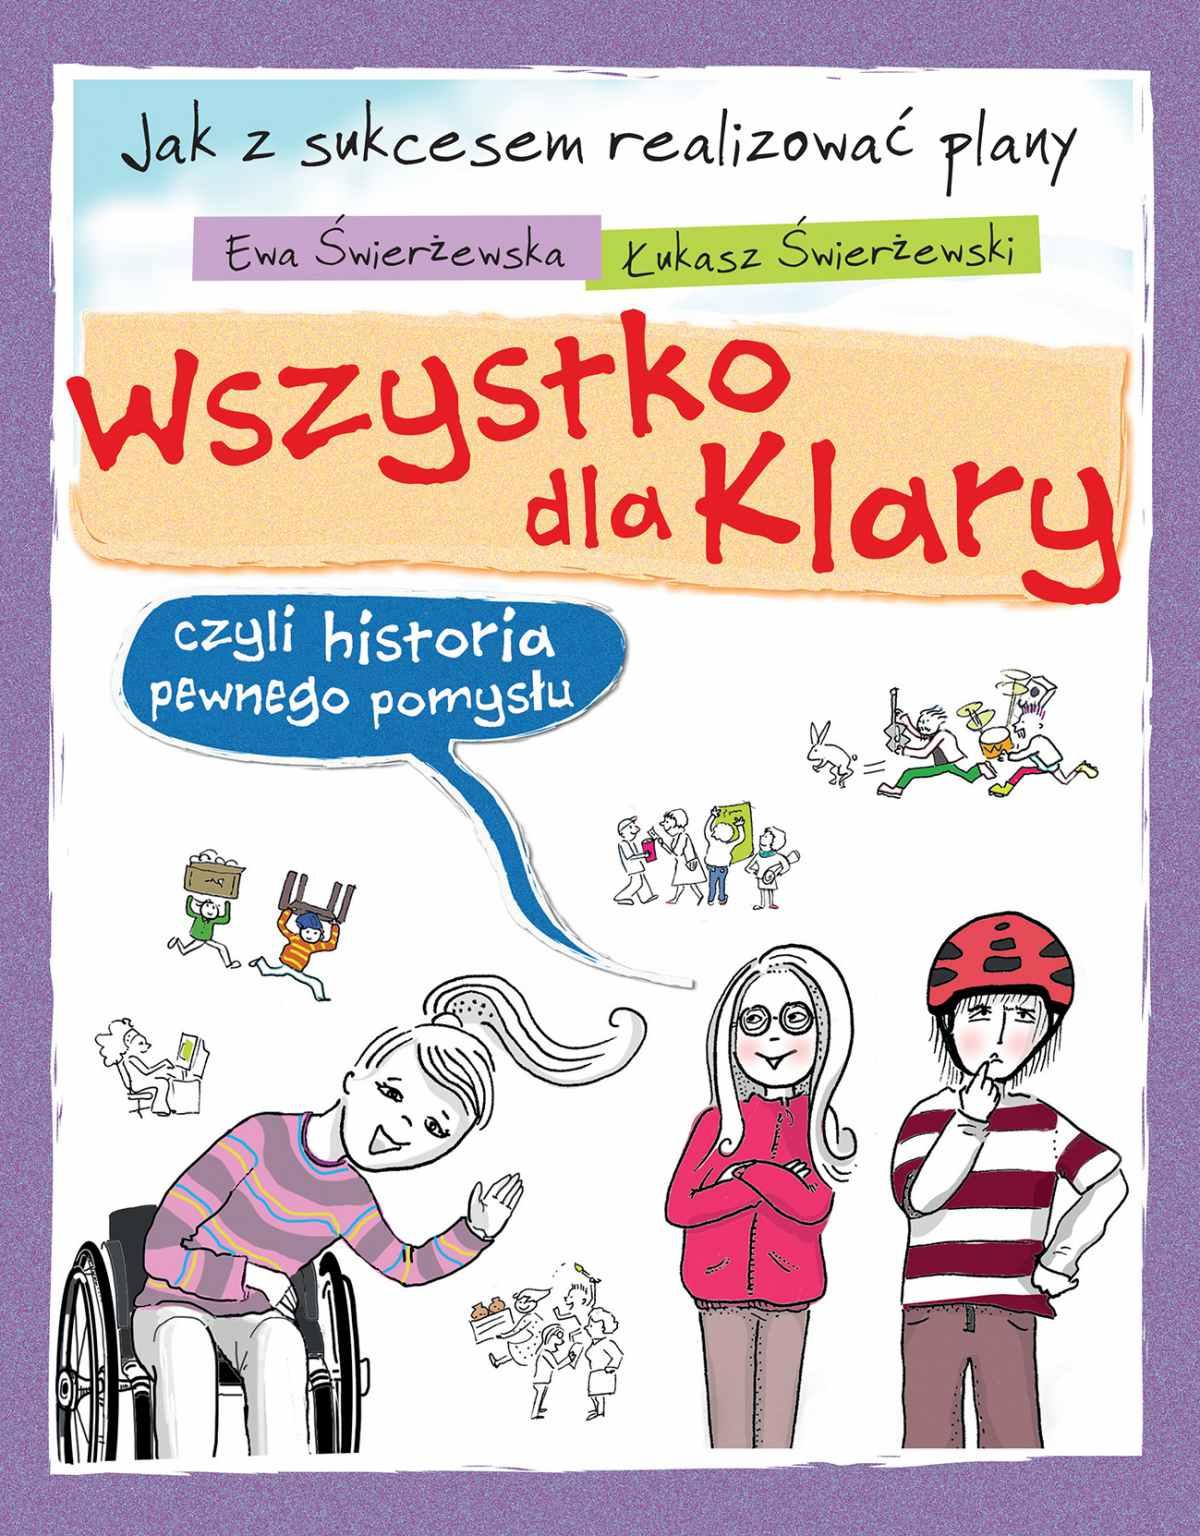 Wszystko dla Klary, czyli historia pewnego pomysłu - Ebook (Książka na Kindle) do pobrania w formacie MOBI